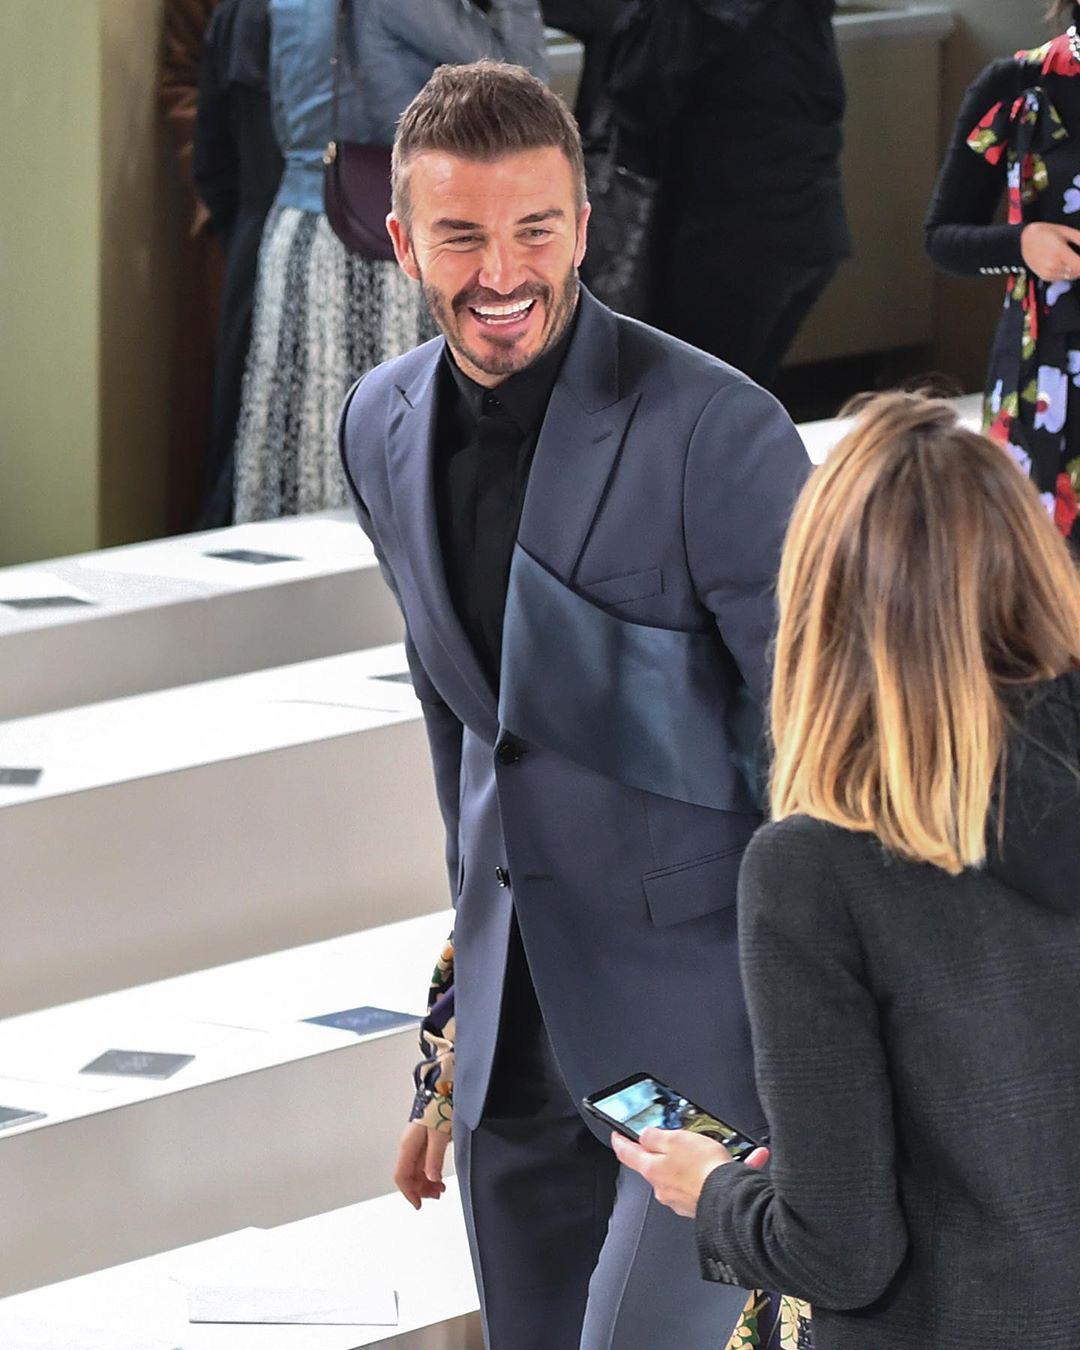 David Beckham diện trang phục vest lịch lãm, có phần cách điệu ở vạt áo bên trái.